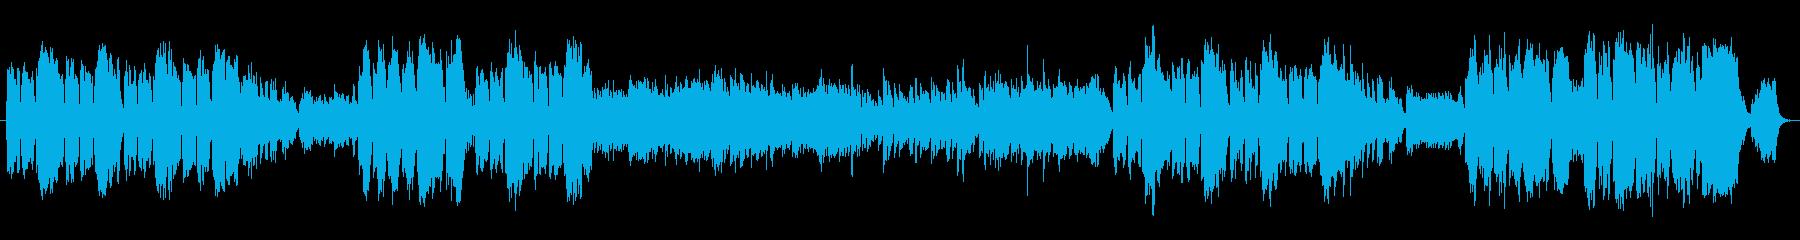 ワルツ 第3番 ピアノ+オケ版の再生済みの波形